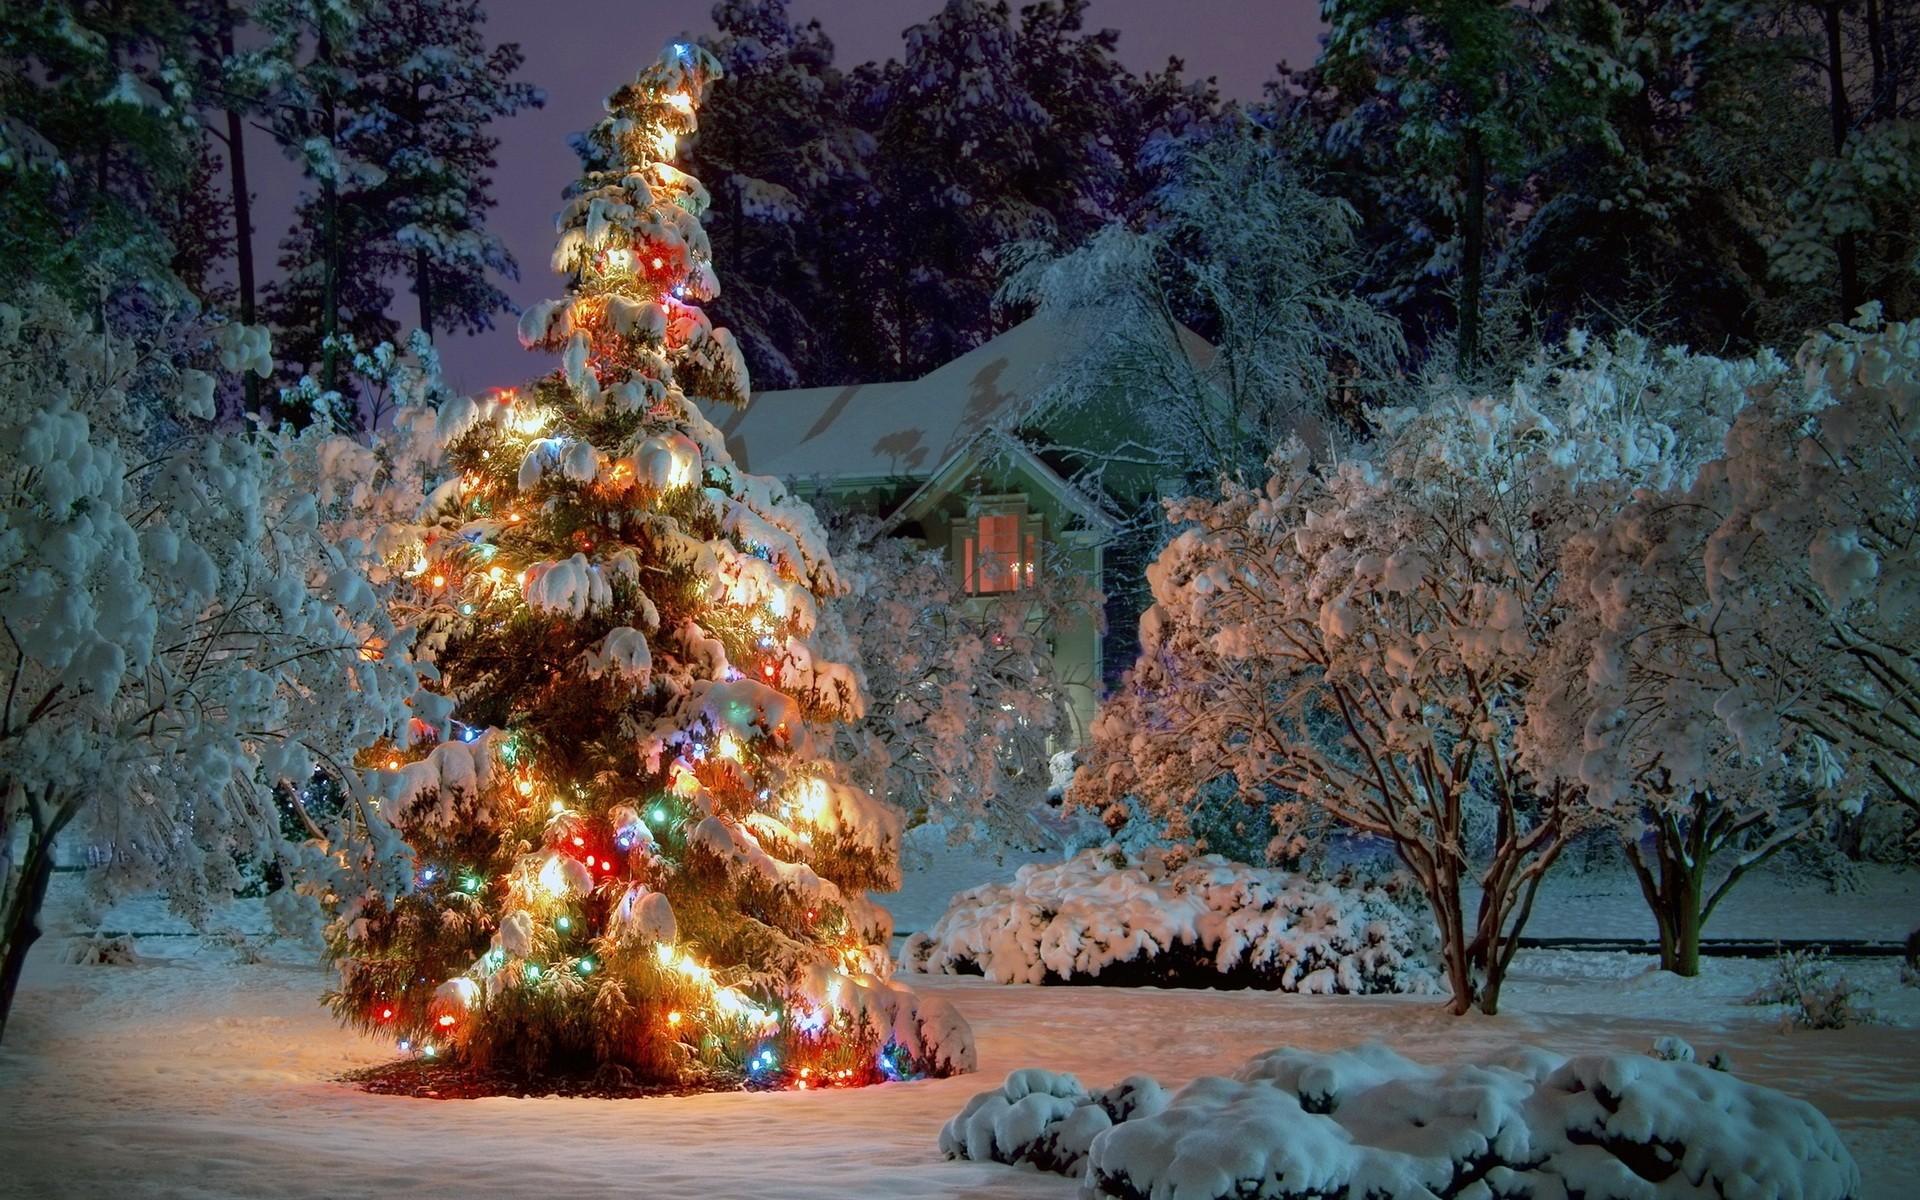 картинка новогодней елки красивая